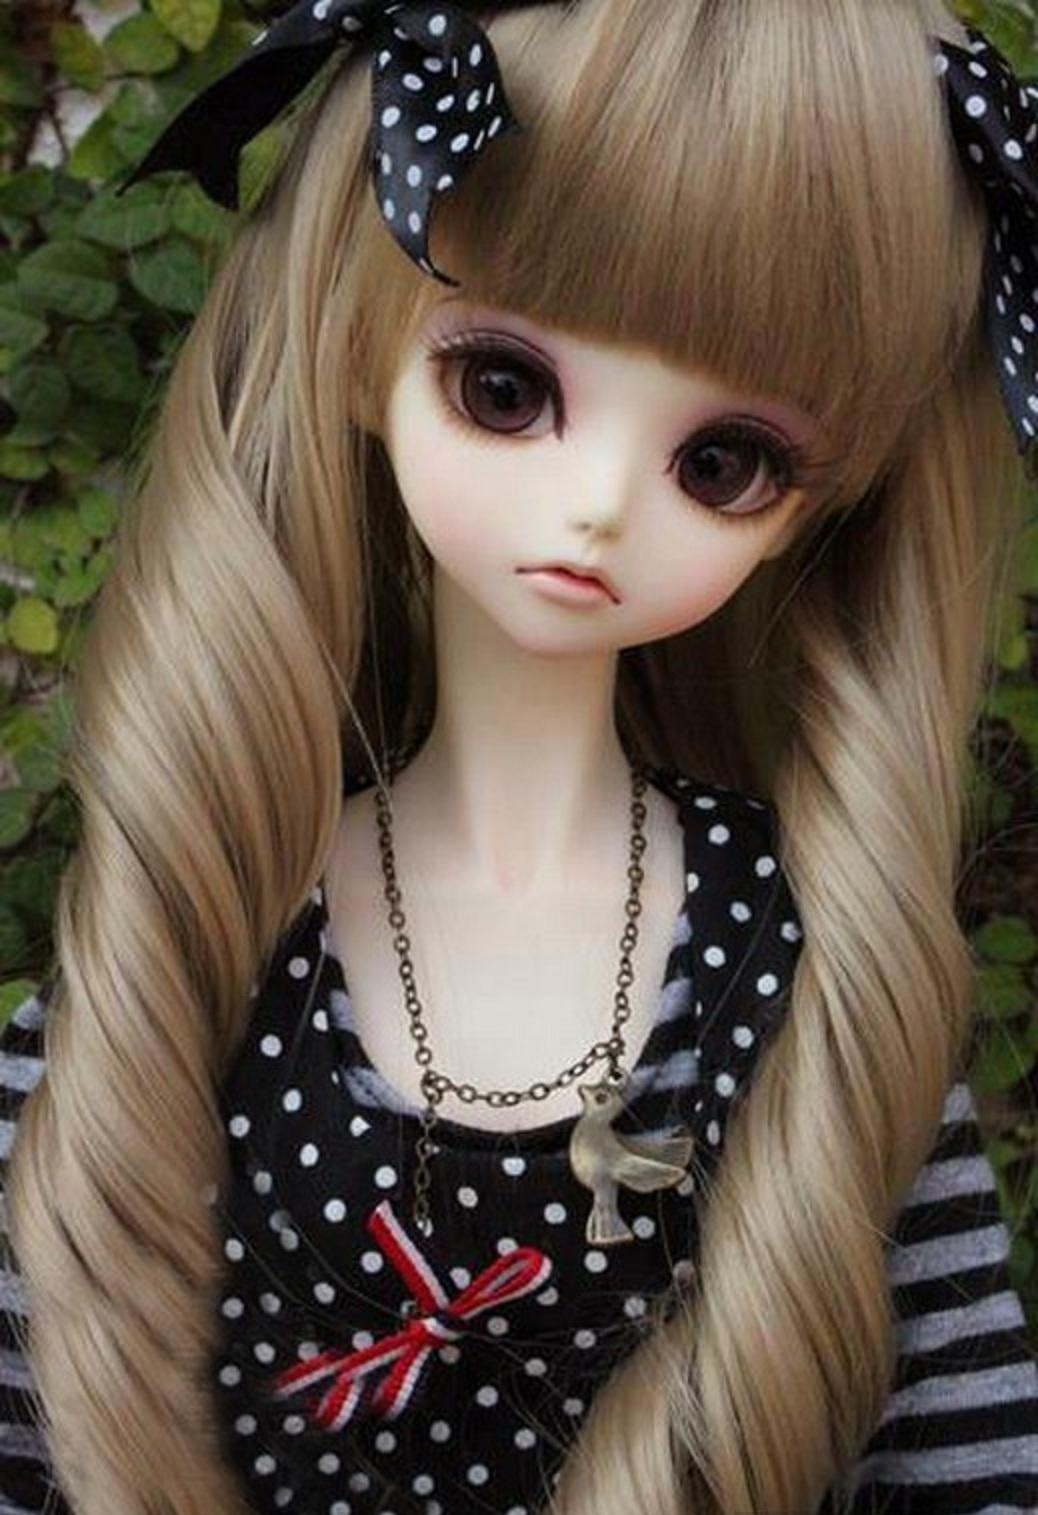 Barbie Girl Doll Wallpaper Cute Baby Barbie Doll Wallpaper Beautiful Desktop Hd